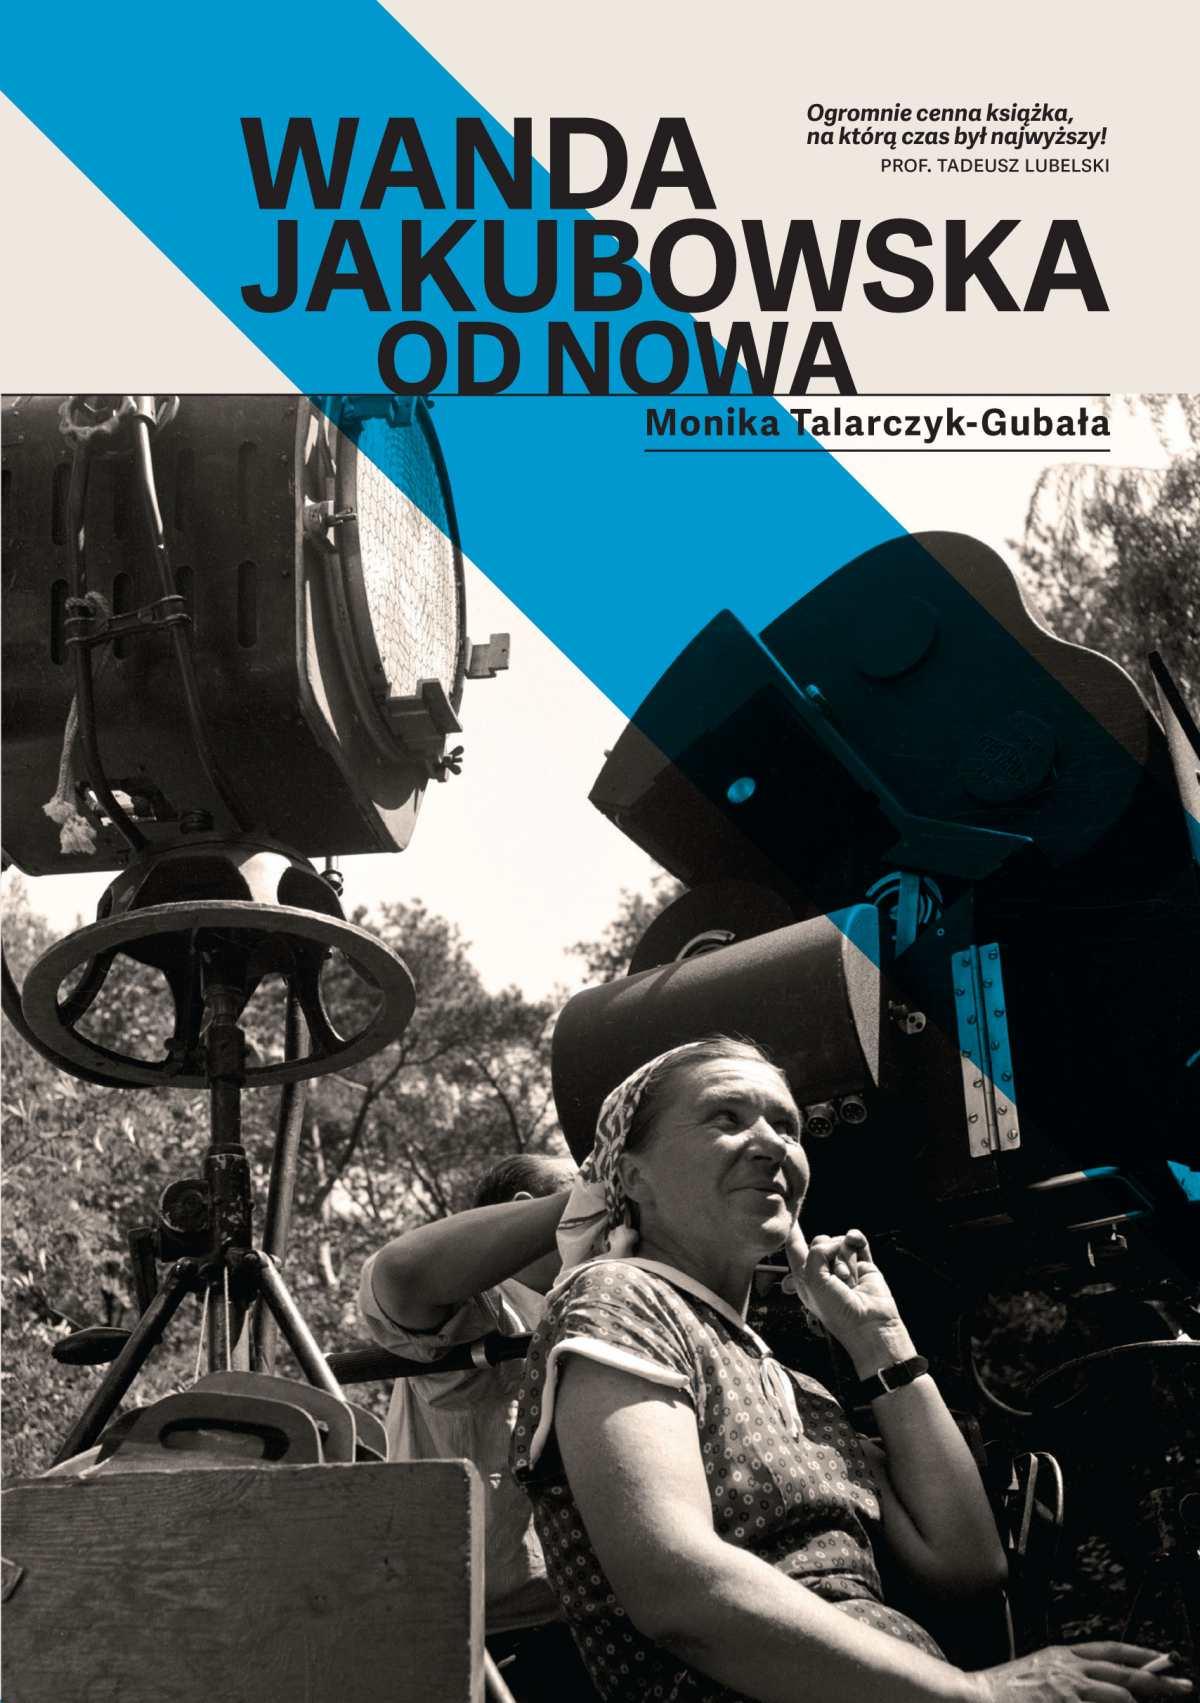 Wanda Jakubowska. Od nowa - Ebook (Książka EPUB) do pobrania w formacie EPUB